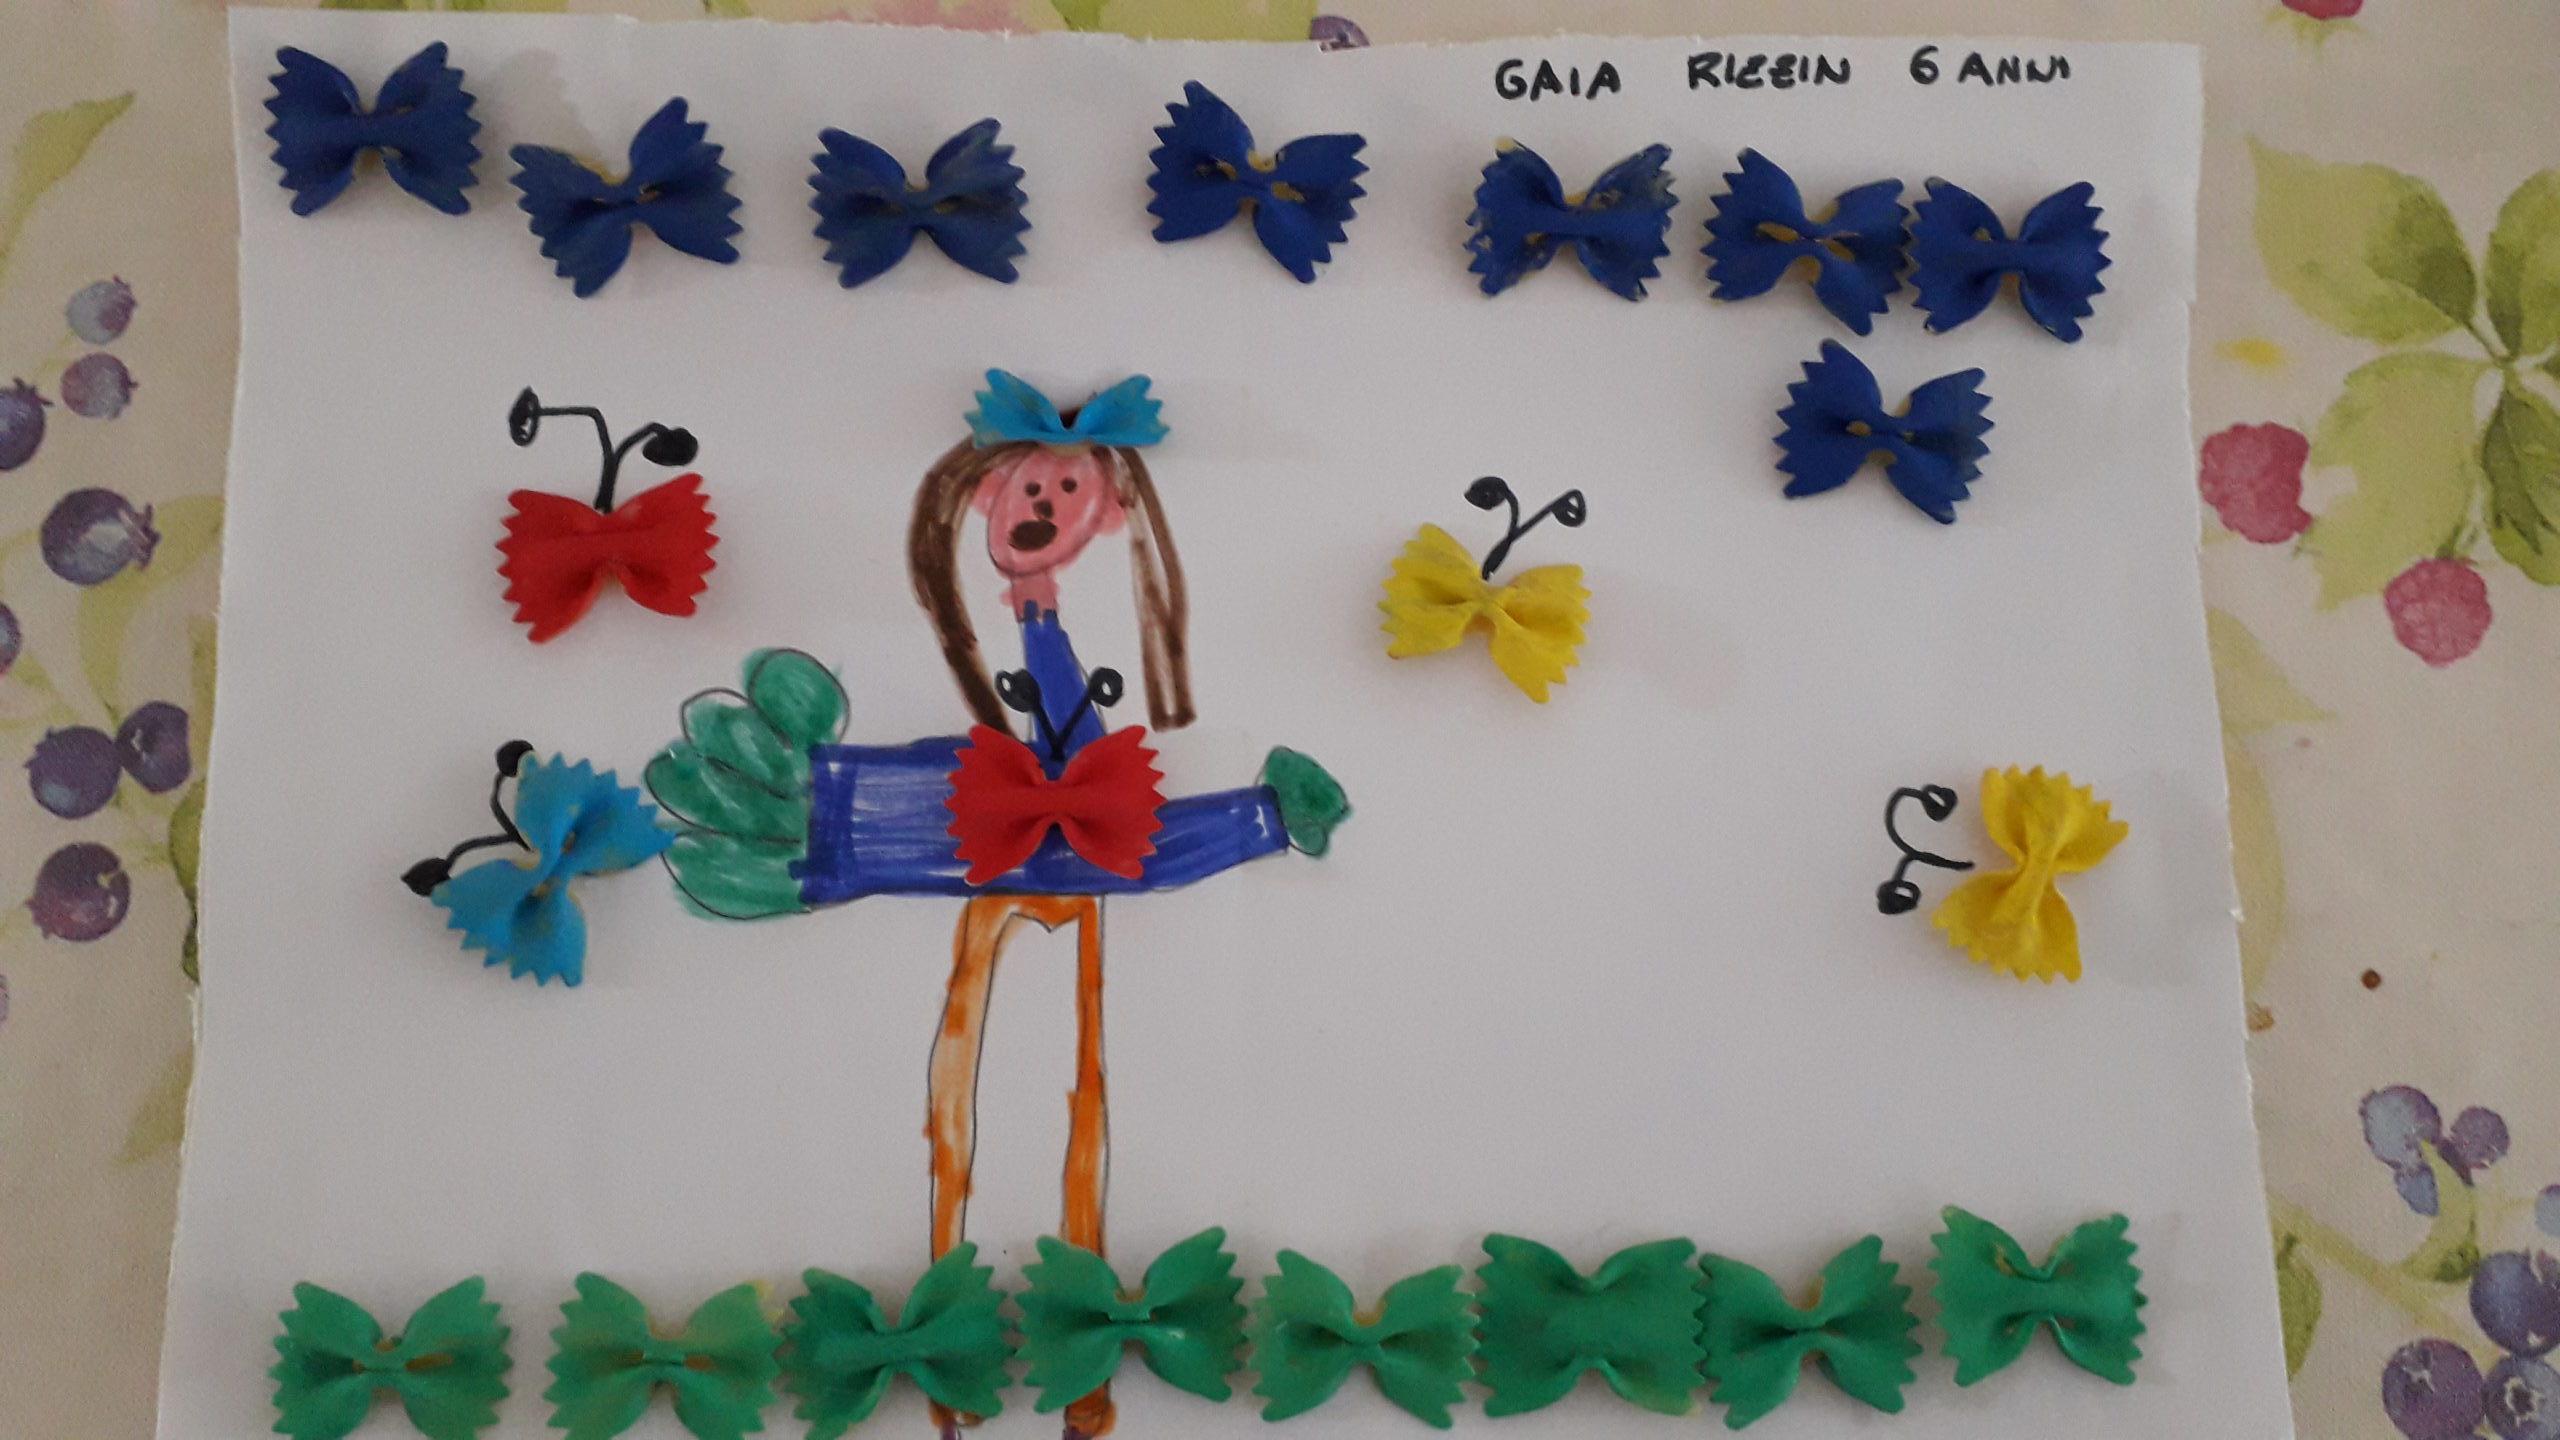 Questo disegno lo ha fatto Gaia (6 anni)